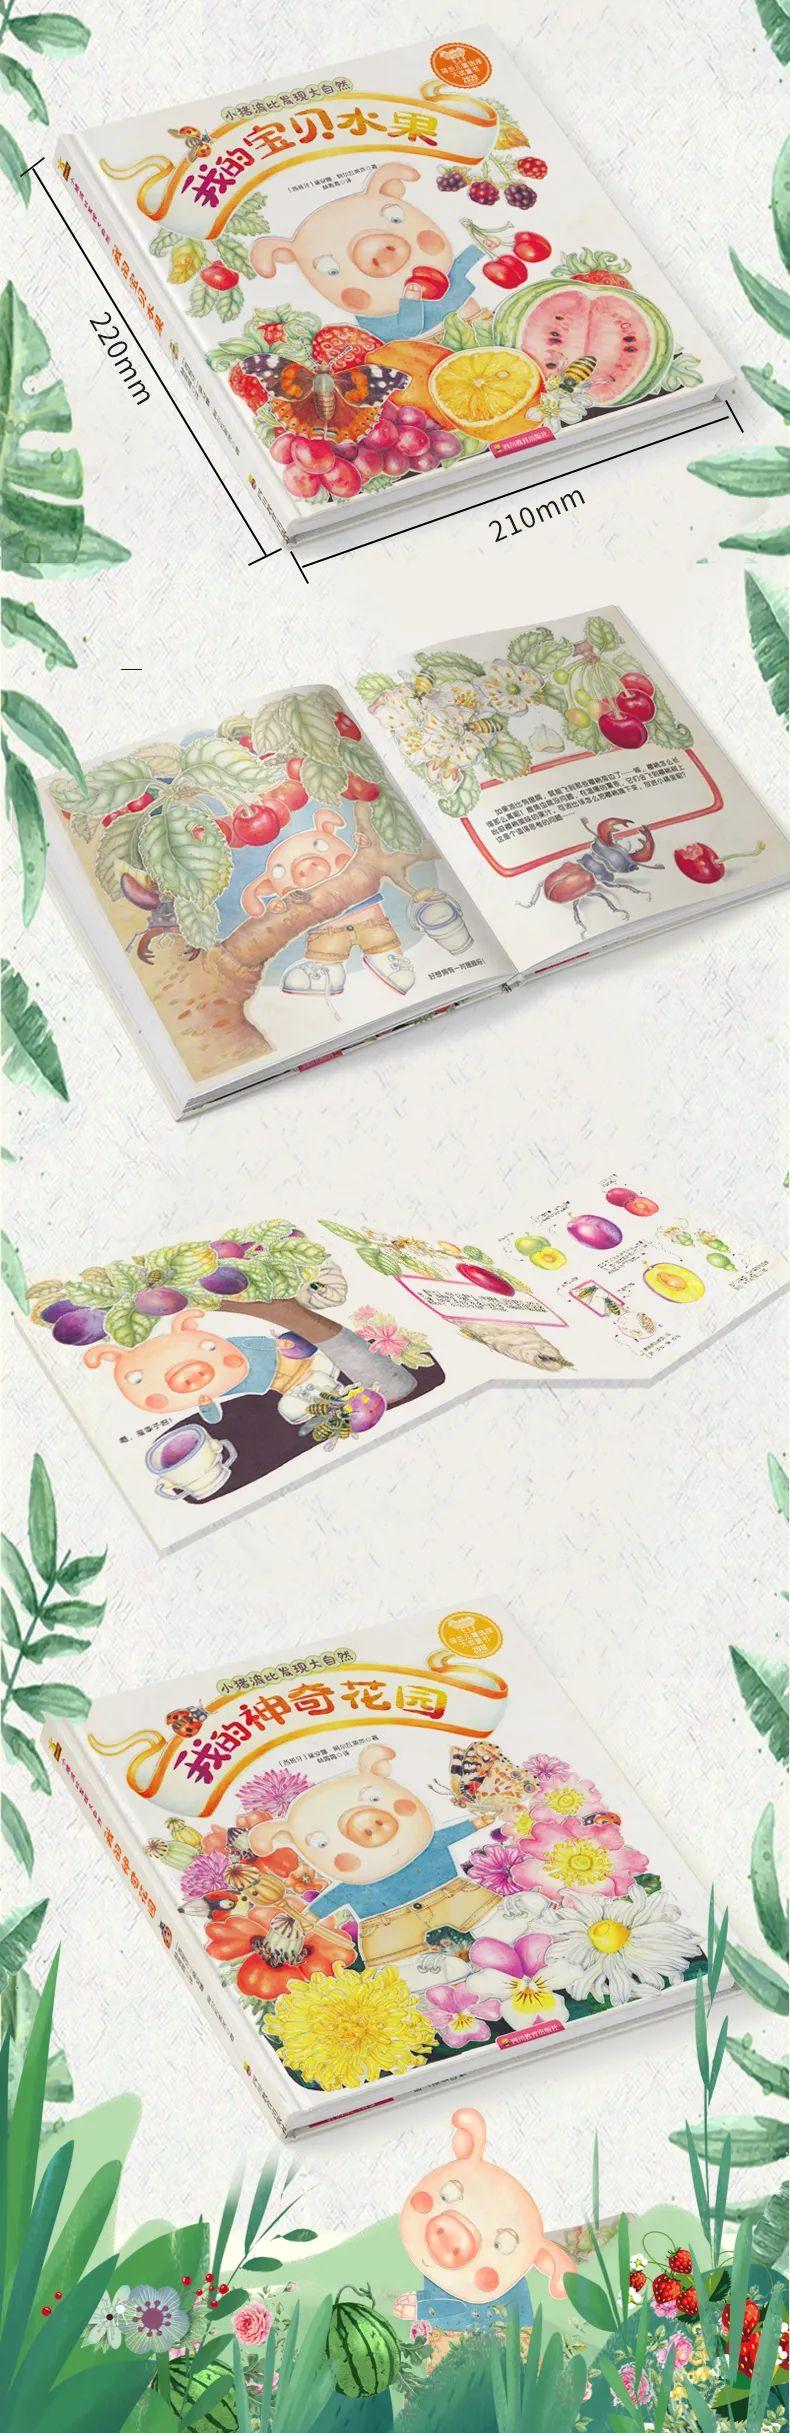 【荷兰儿童选择大奖童书,培养孩子的想象力和审美力】画风亲切,淳朴自然,让孩子爱上大自然,对植物进行科普,引导孩子发现植物,认识世界,形成由表及里的思维方式